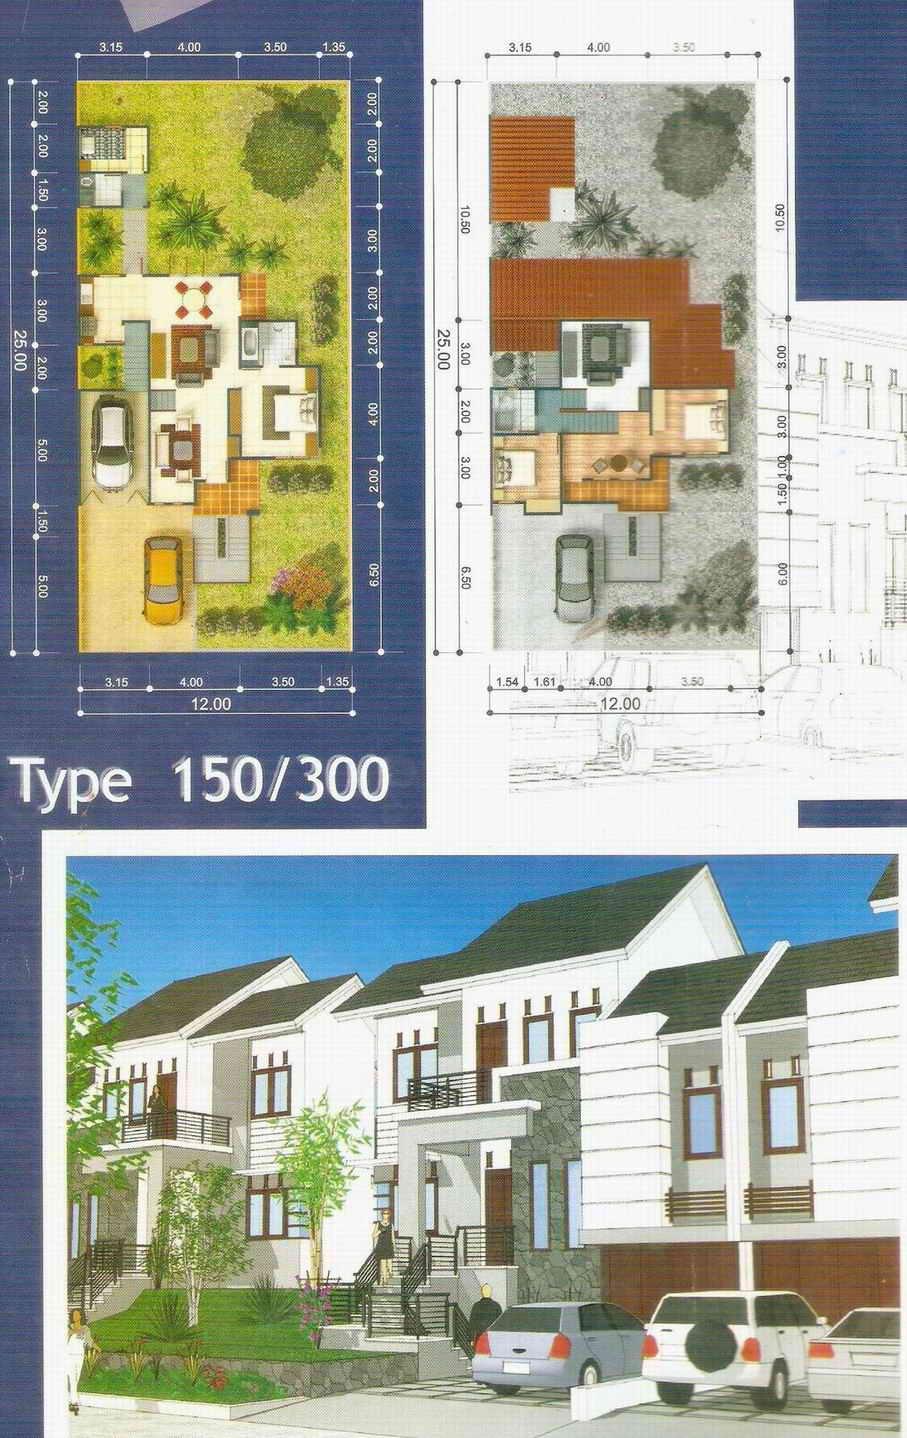 gambar denah desain rumah minimalis rumah type150/300